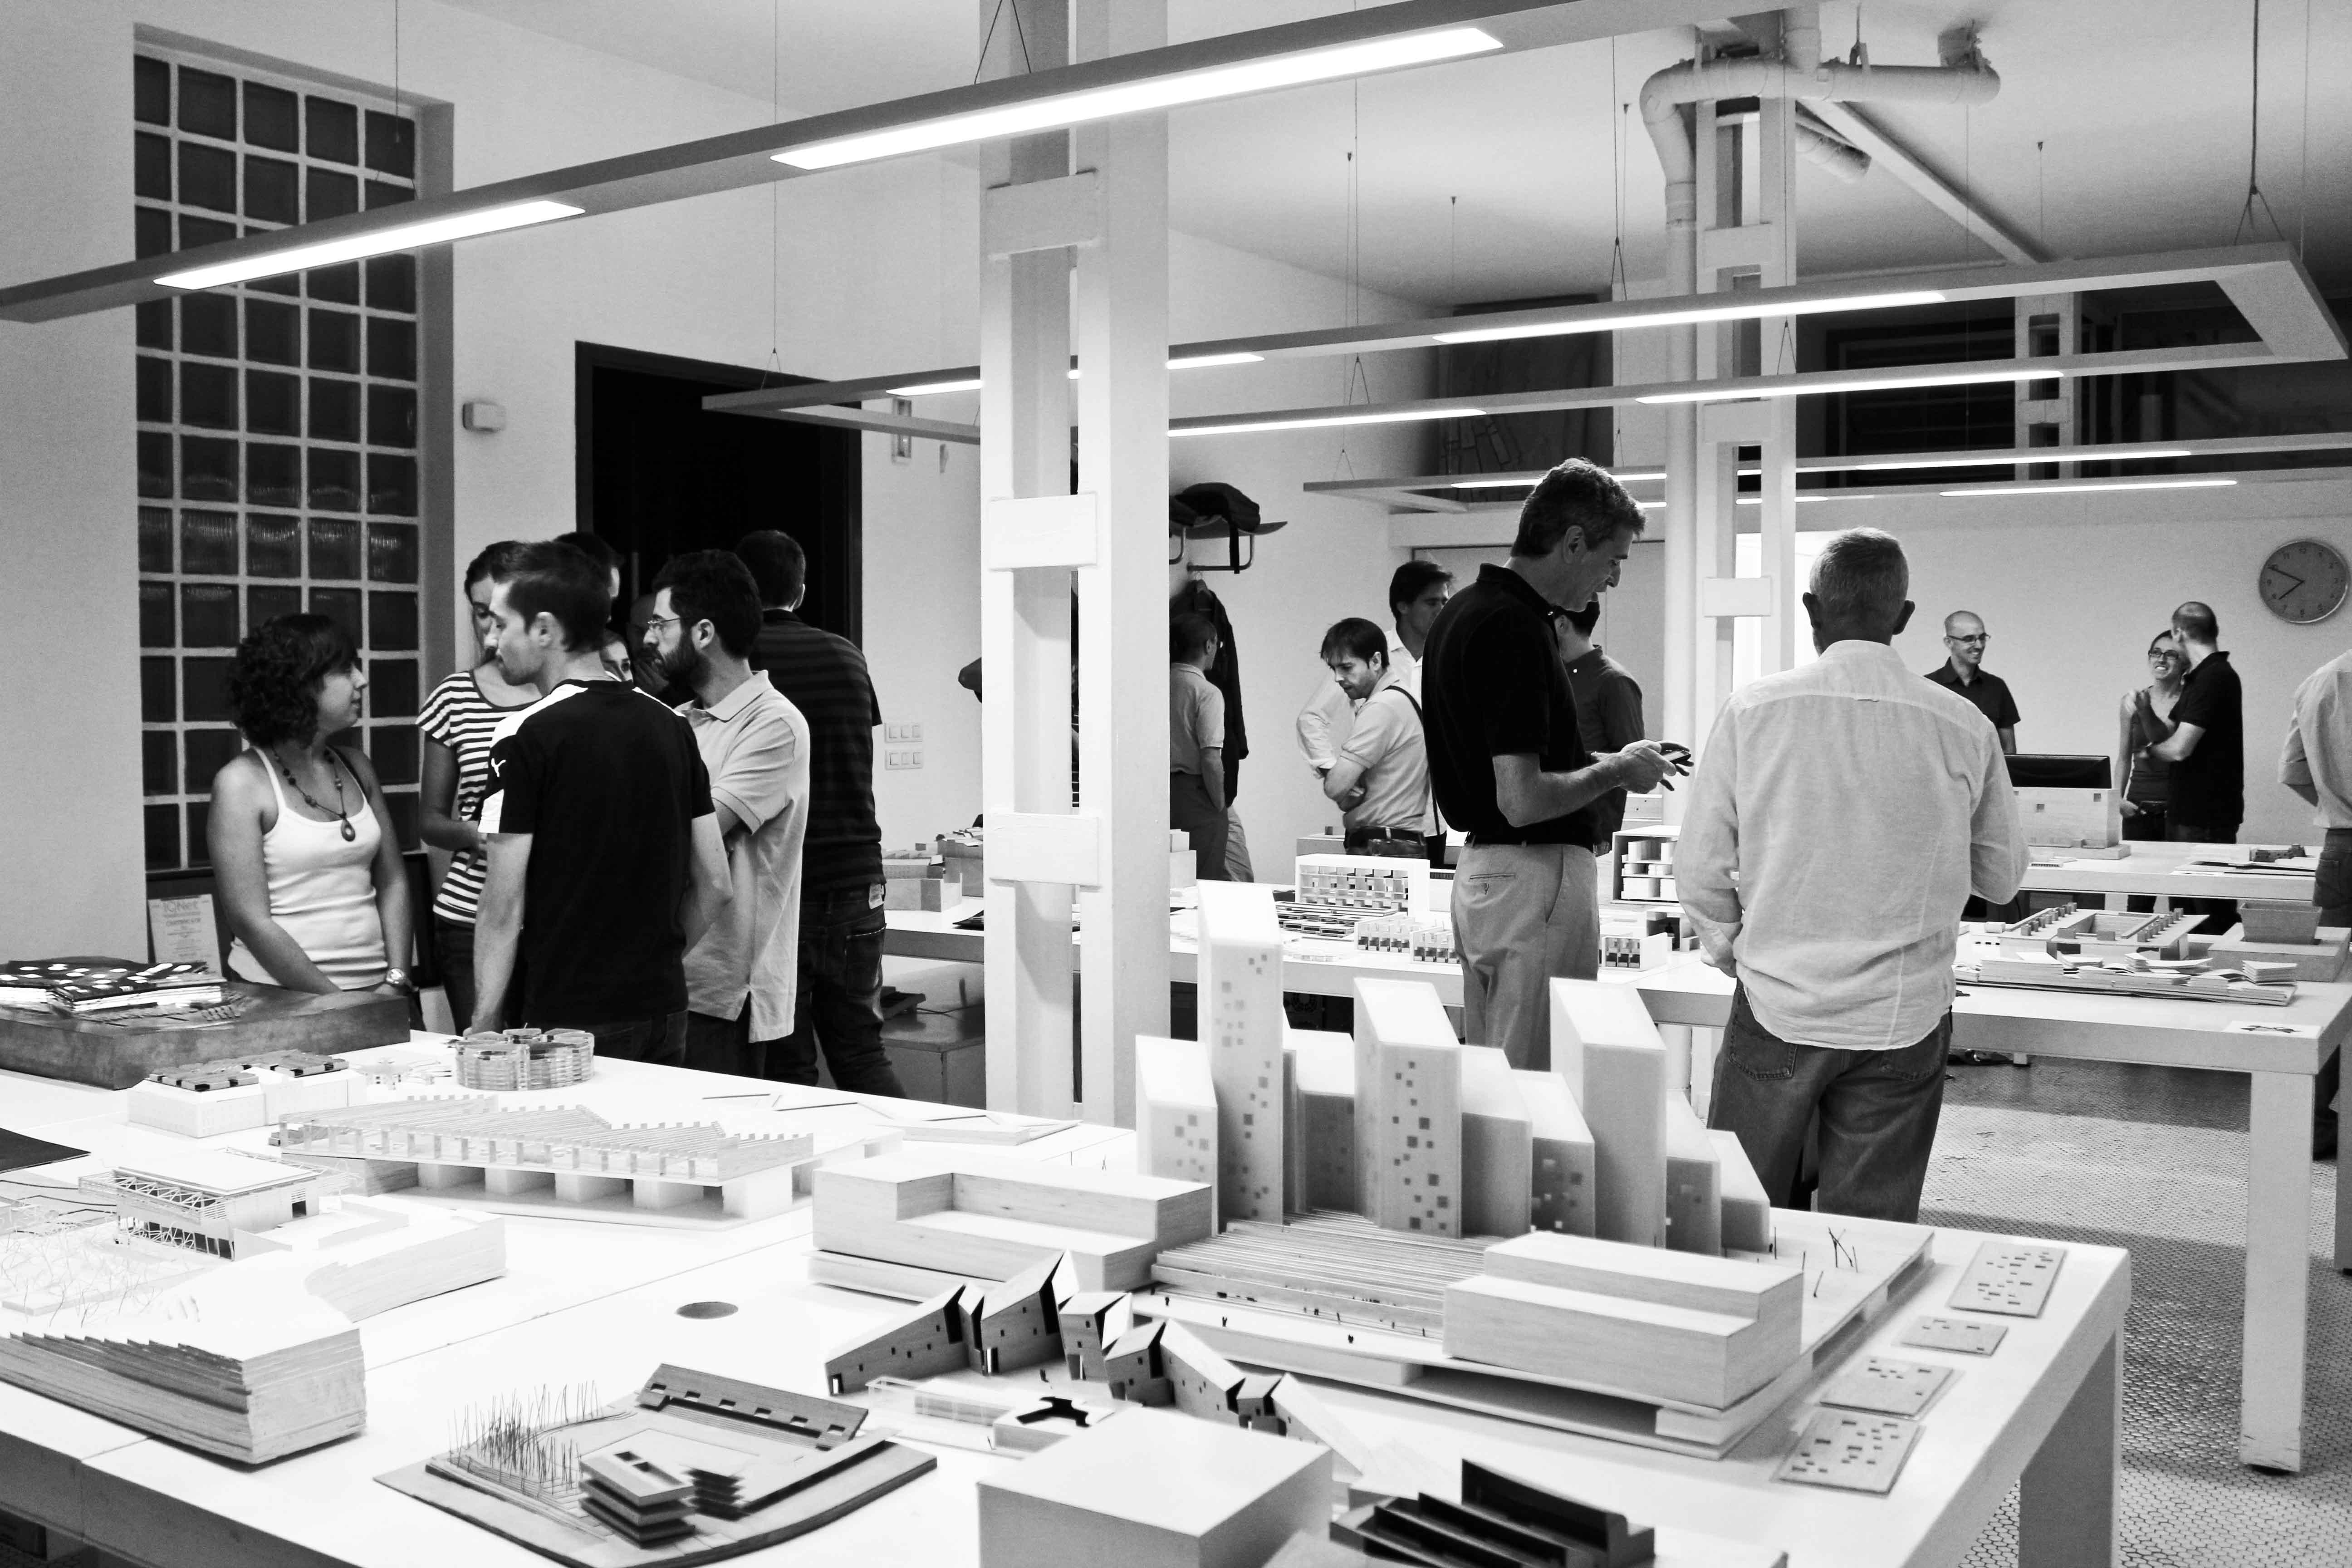 cuarenta estudios de arquitectura hacen un alto y abren